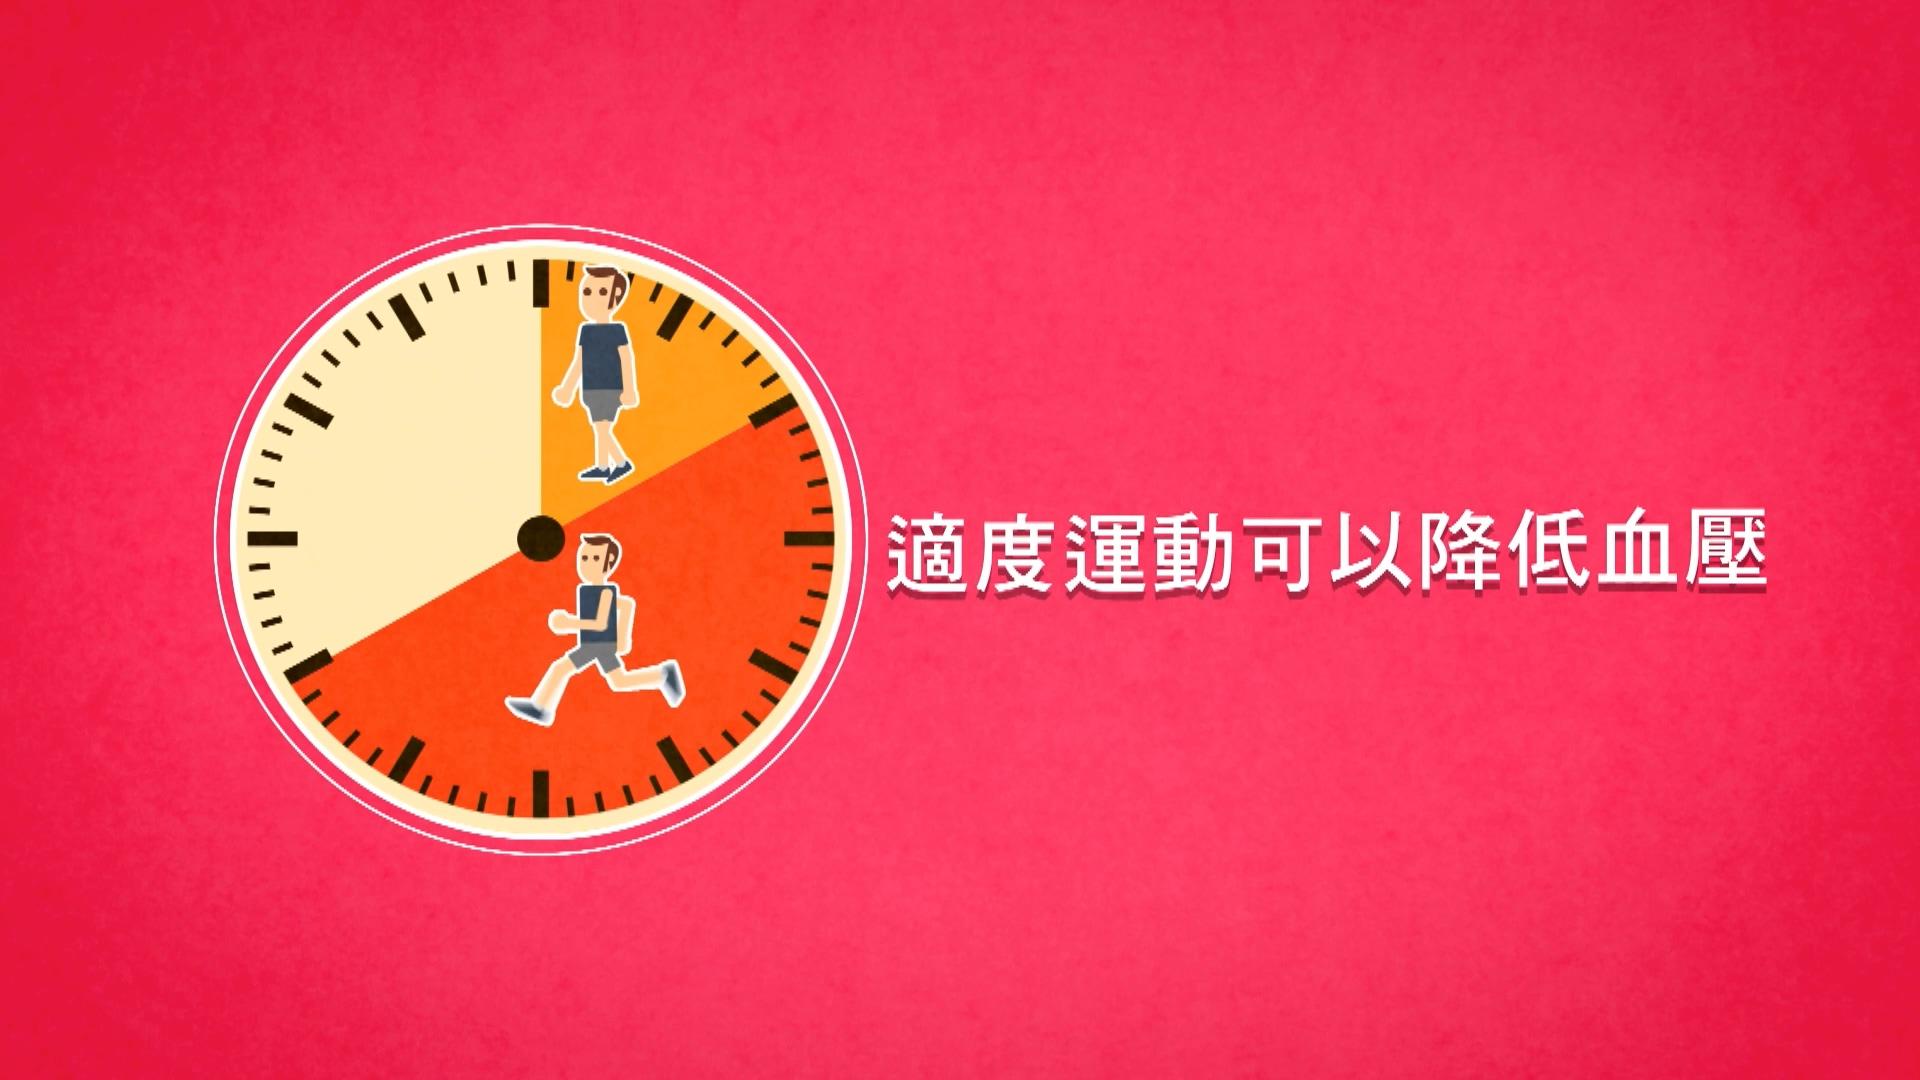 適度運動可以降低血壓